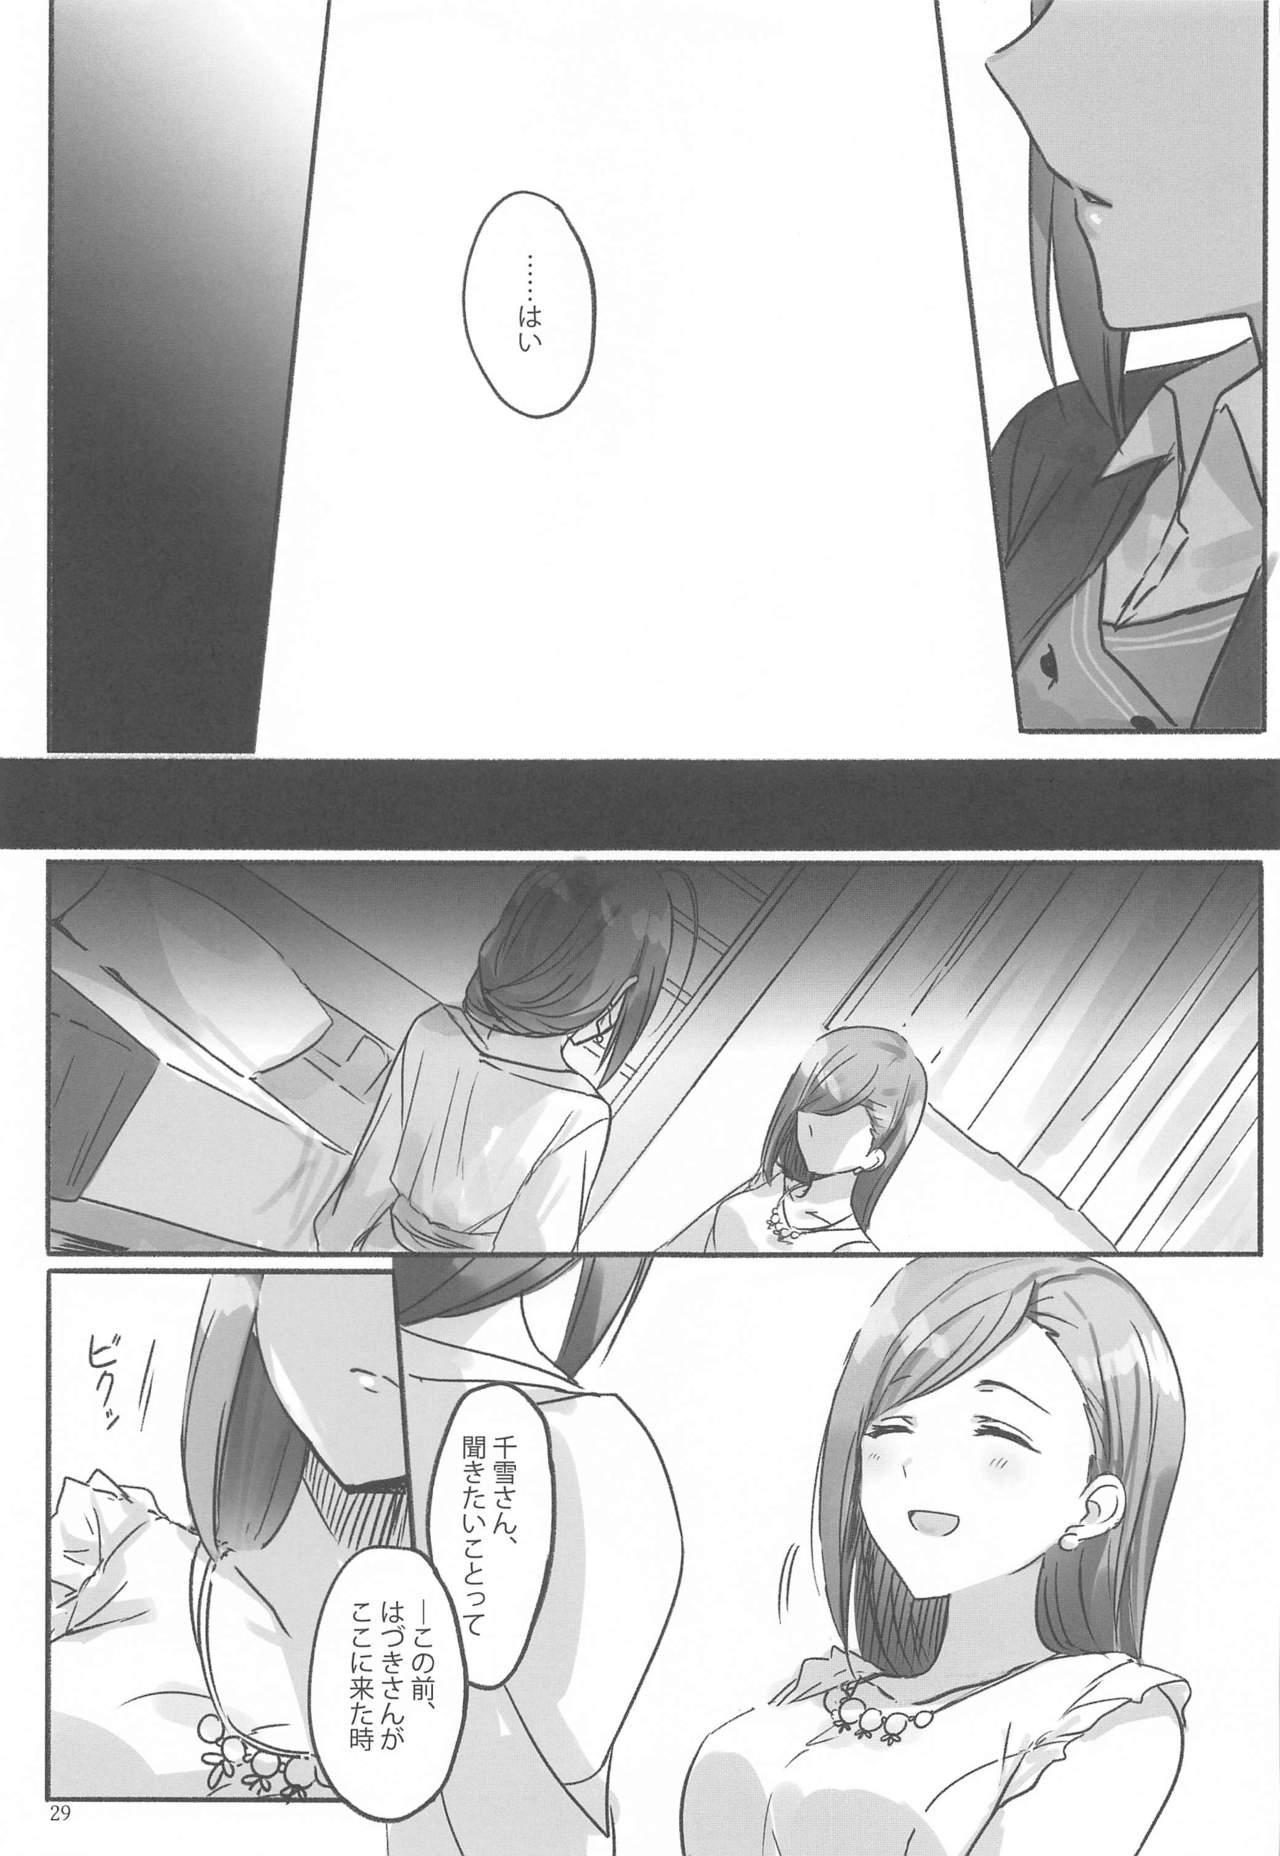 Himitsu 29